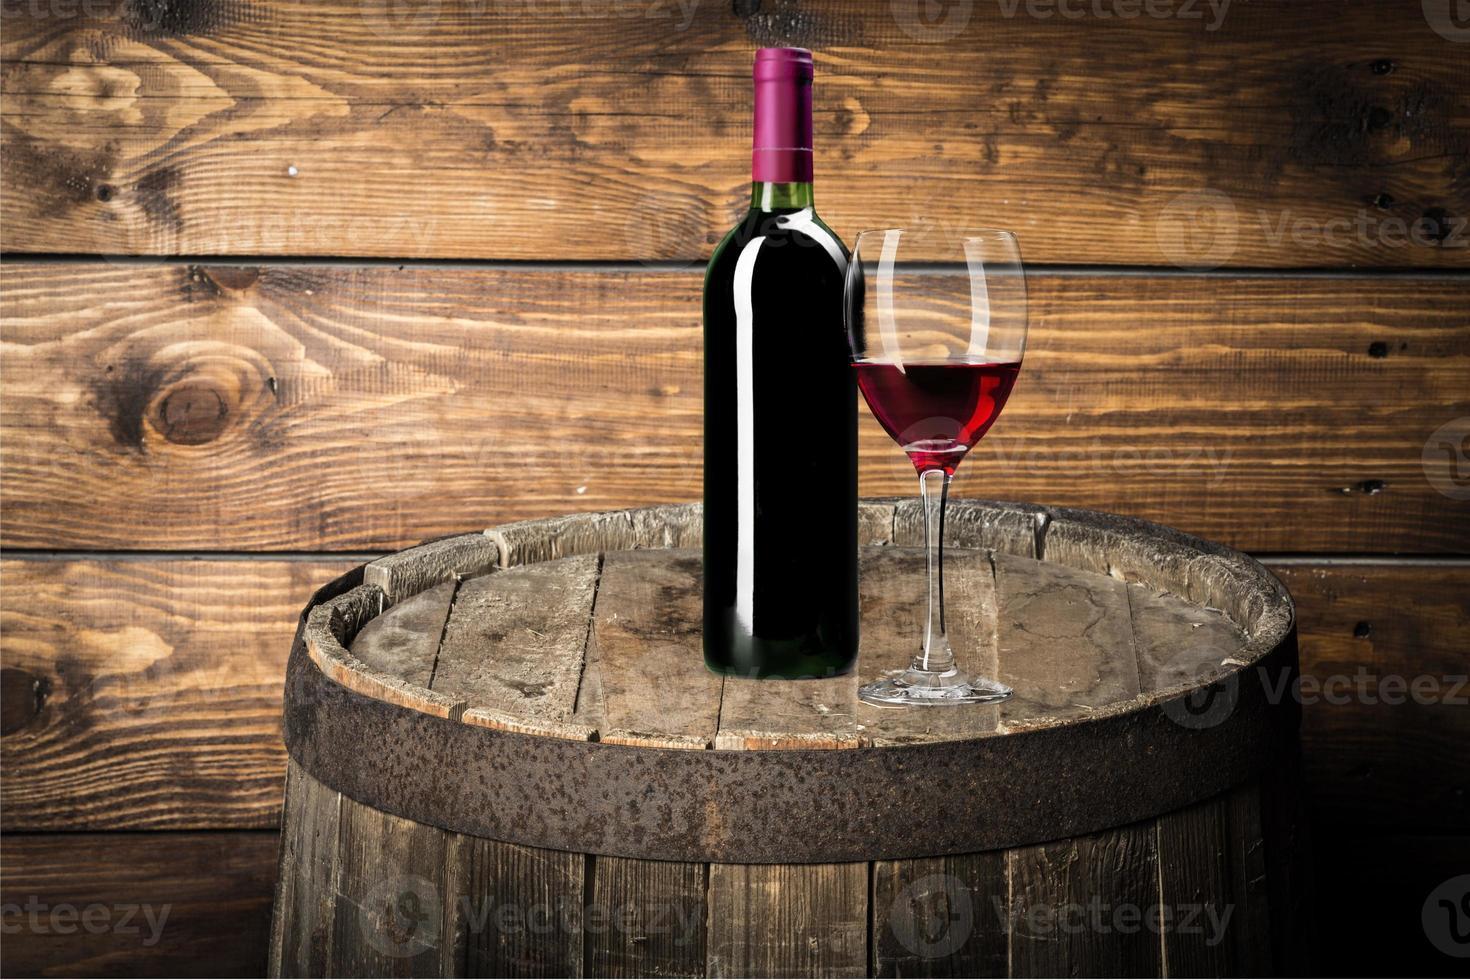 garrafa de vinho, vinho, garrafa foto